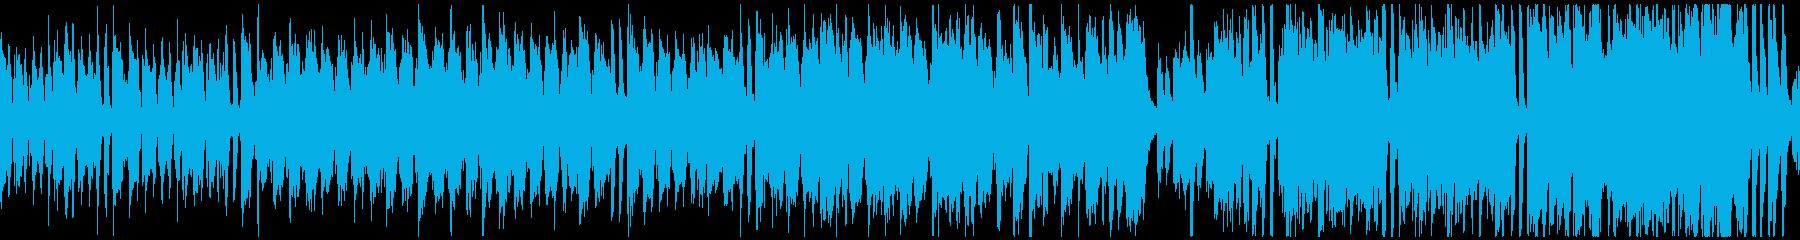 楽しいトラッド日常曲(ループ)の再生済みの波形